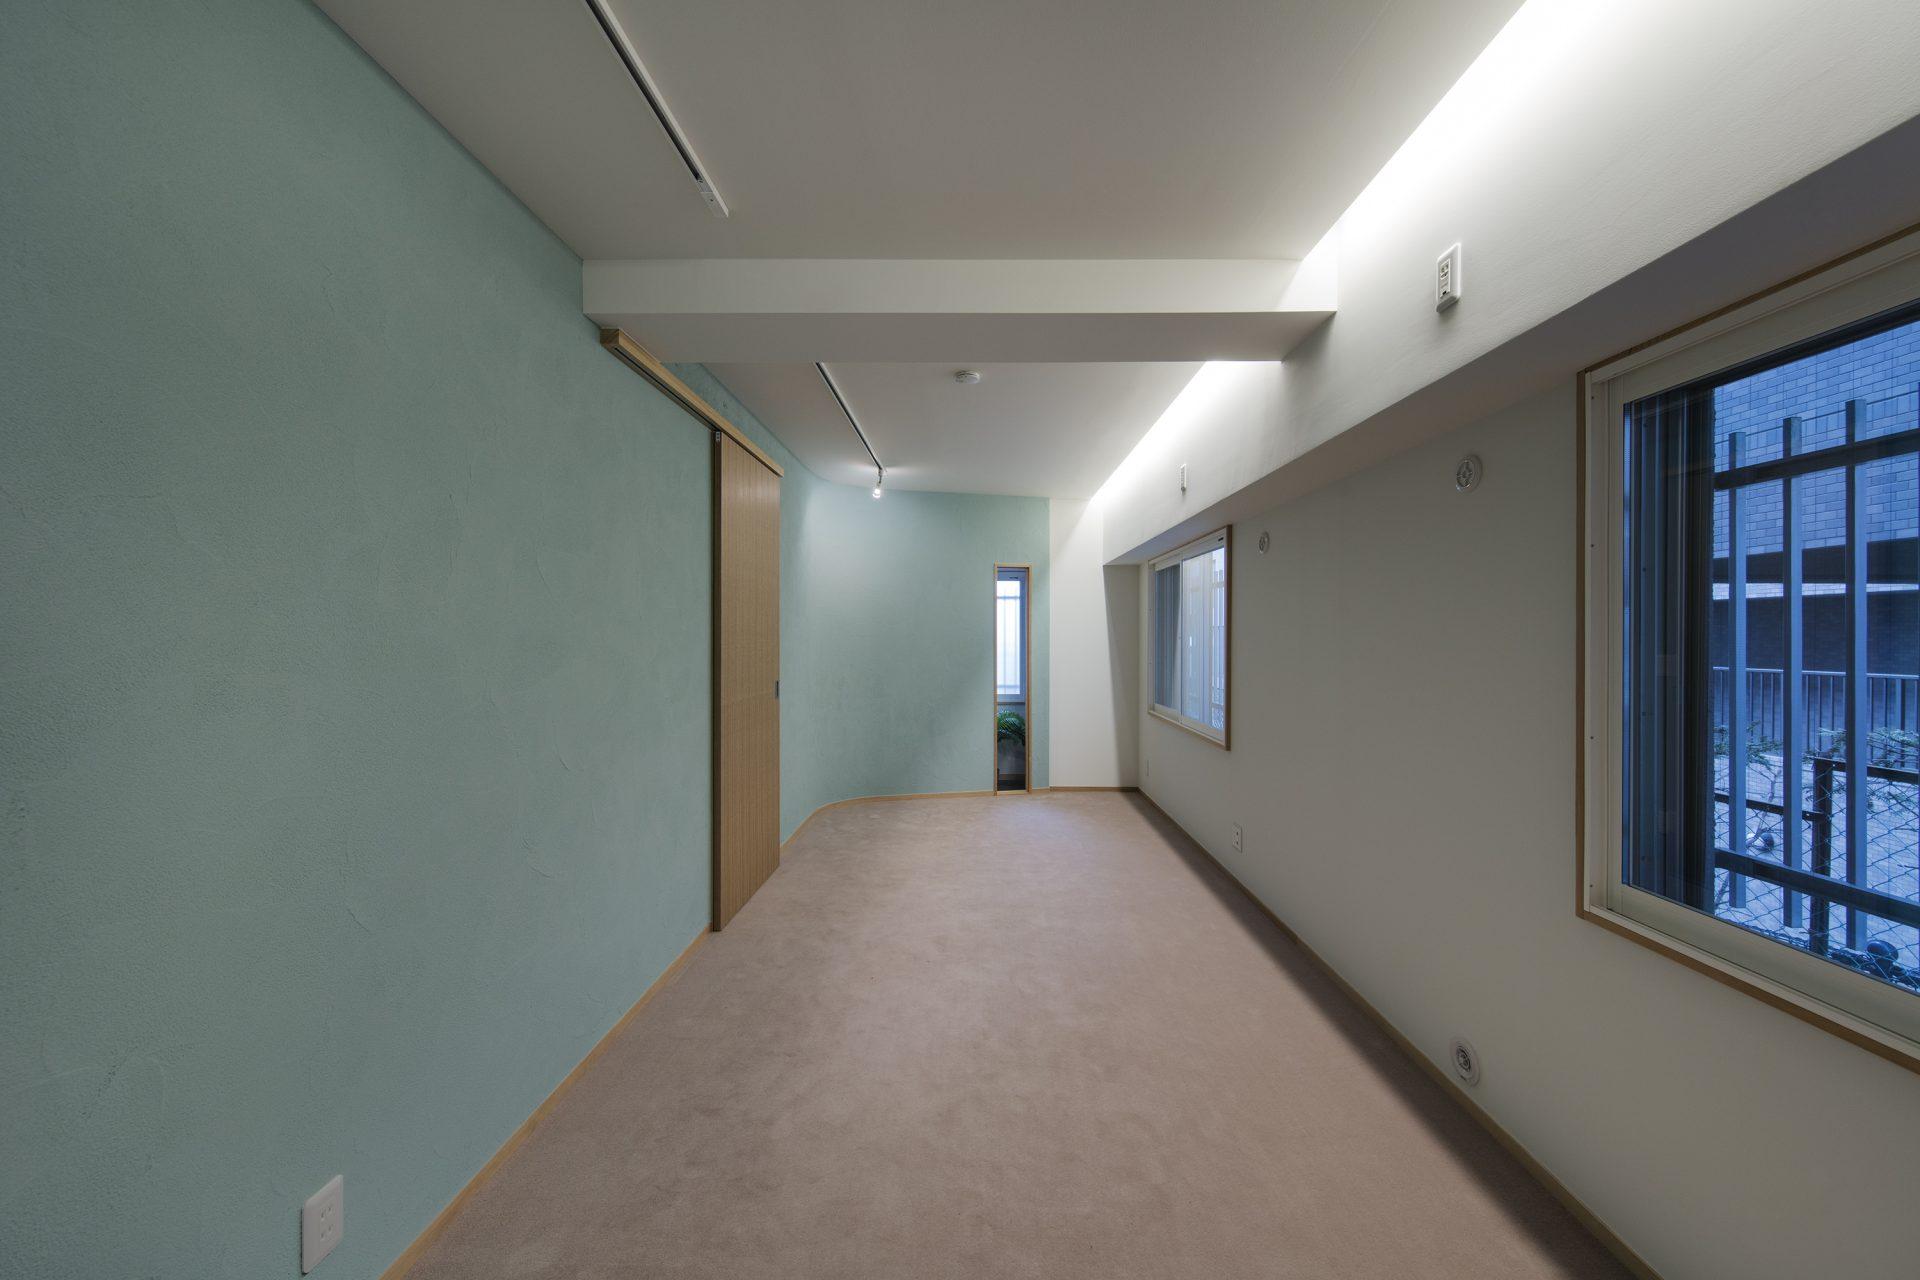 寝室の壁は落ち着きある浅葱色の珪藻土。間接照明が 柔らかく照らします。